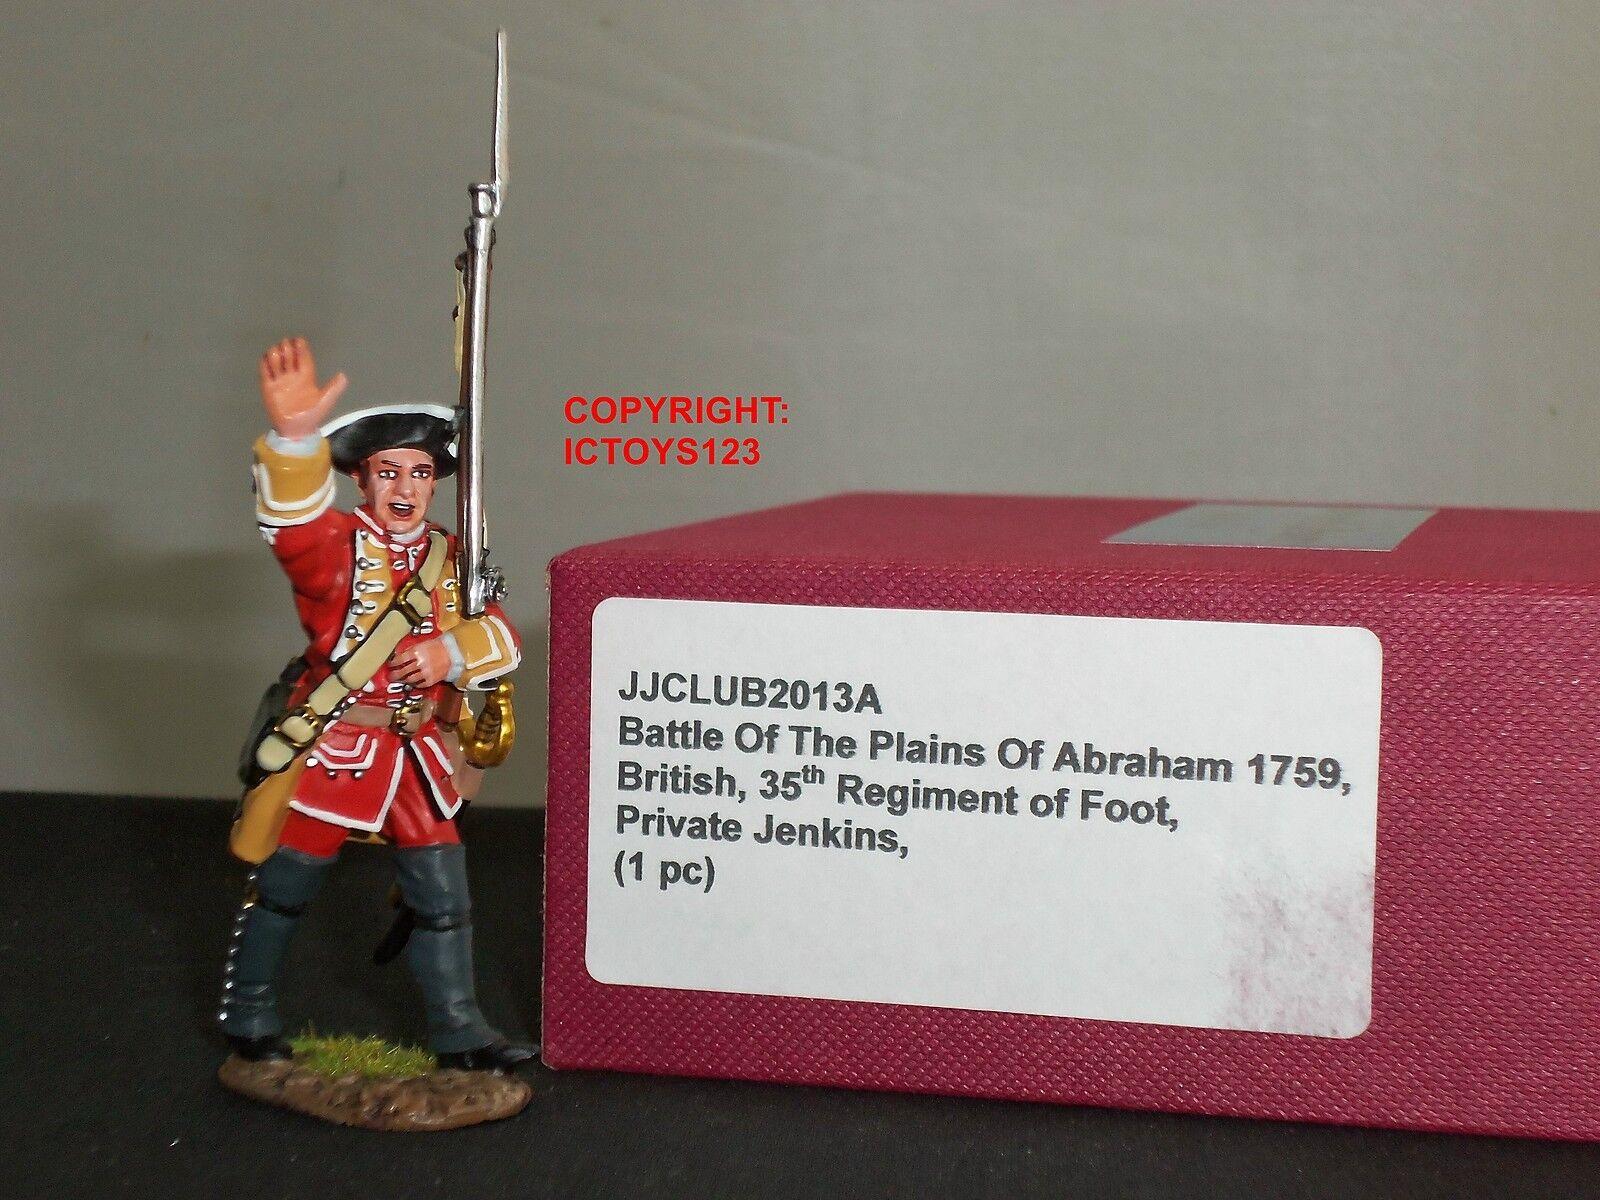 JOHN JENKINS JJCLUB2013A PRIVATE JENKINS BRITISH 35TH REGIMENT METAL TOY SOLDIER